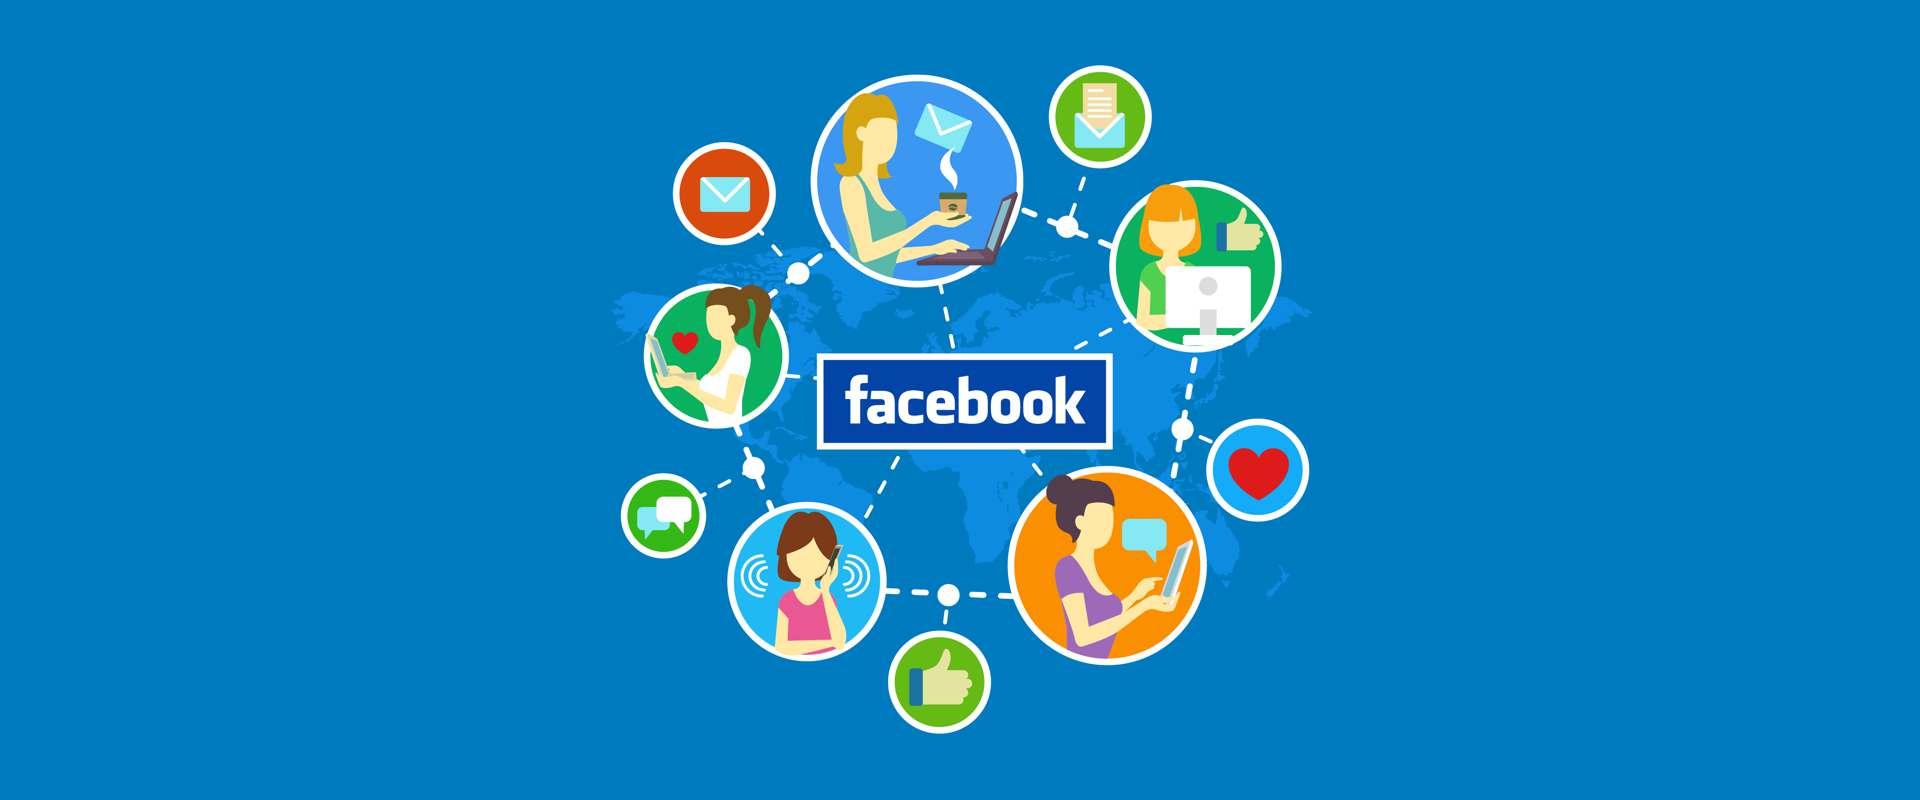 Jak mierzyćzaangażowanie w treści na firmowej stronie na Facebook